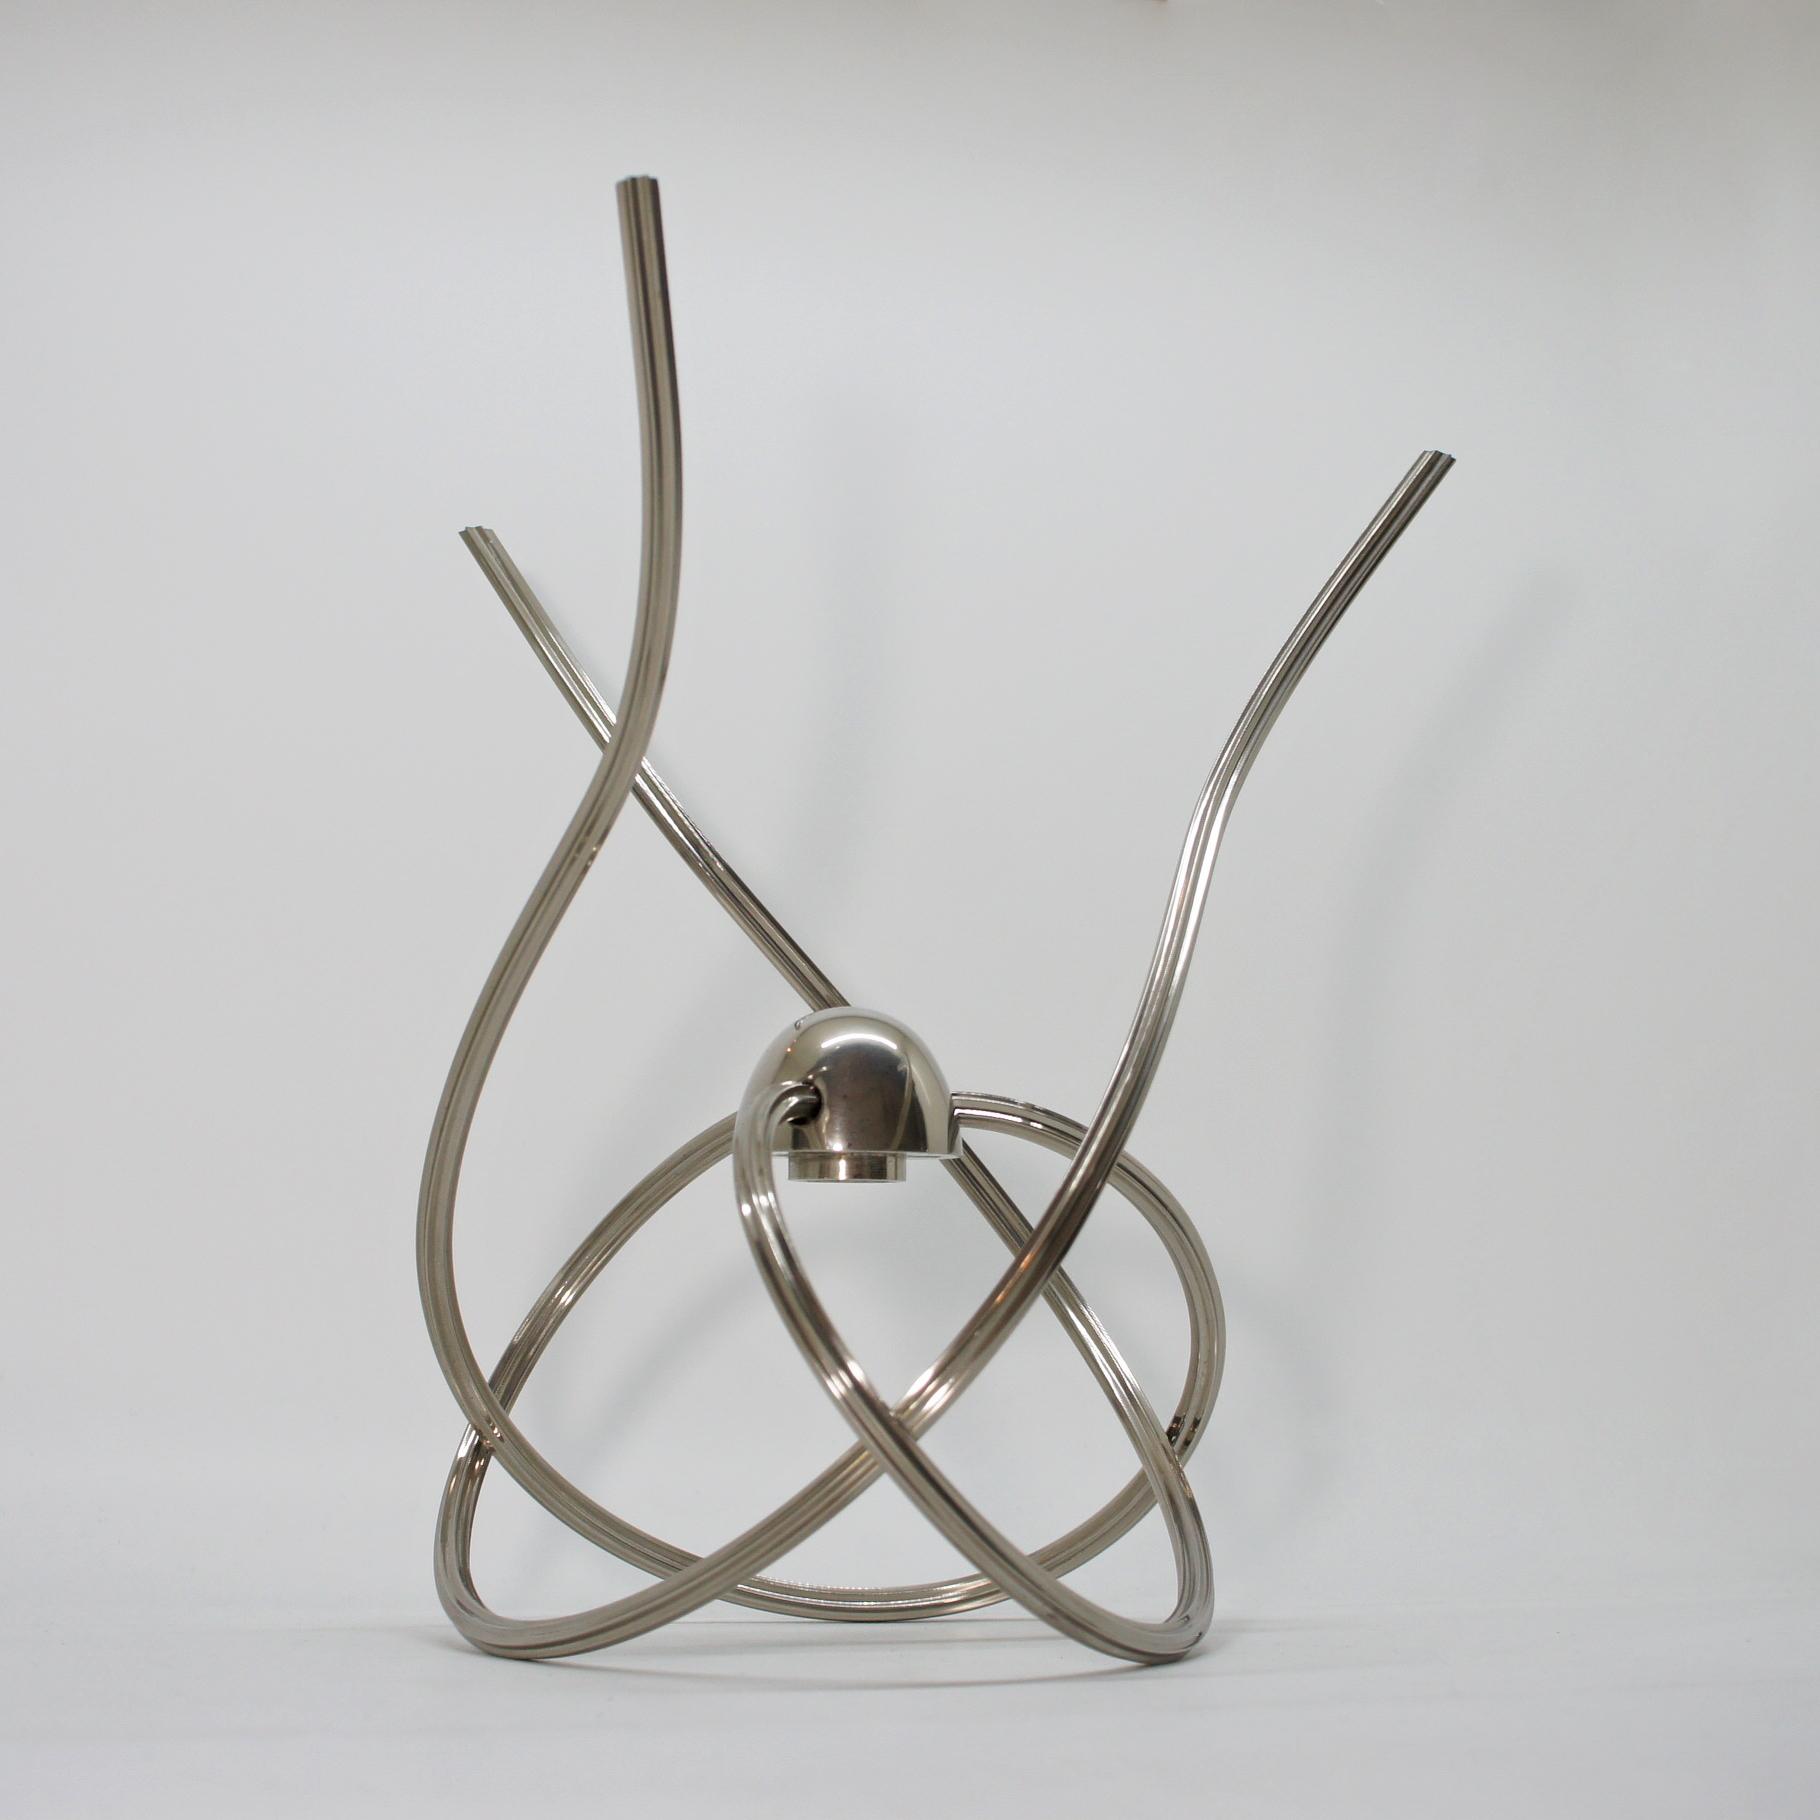 Twisting Metal Tripod Stand Objet